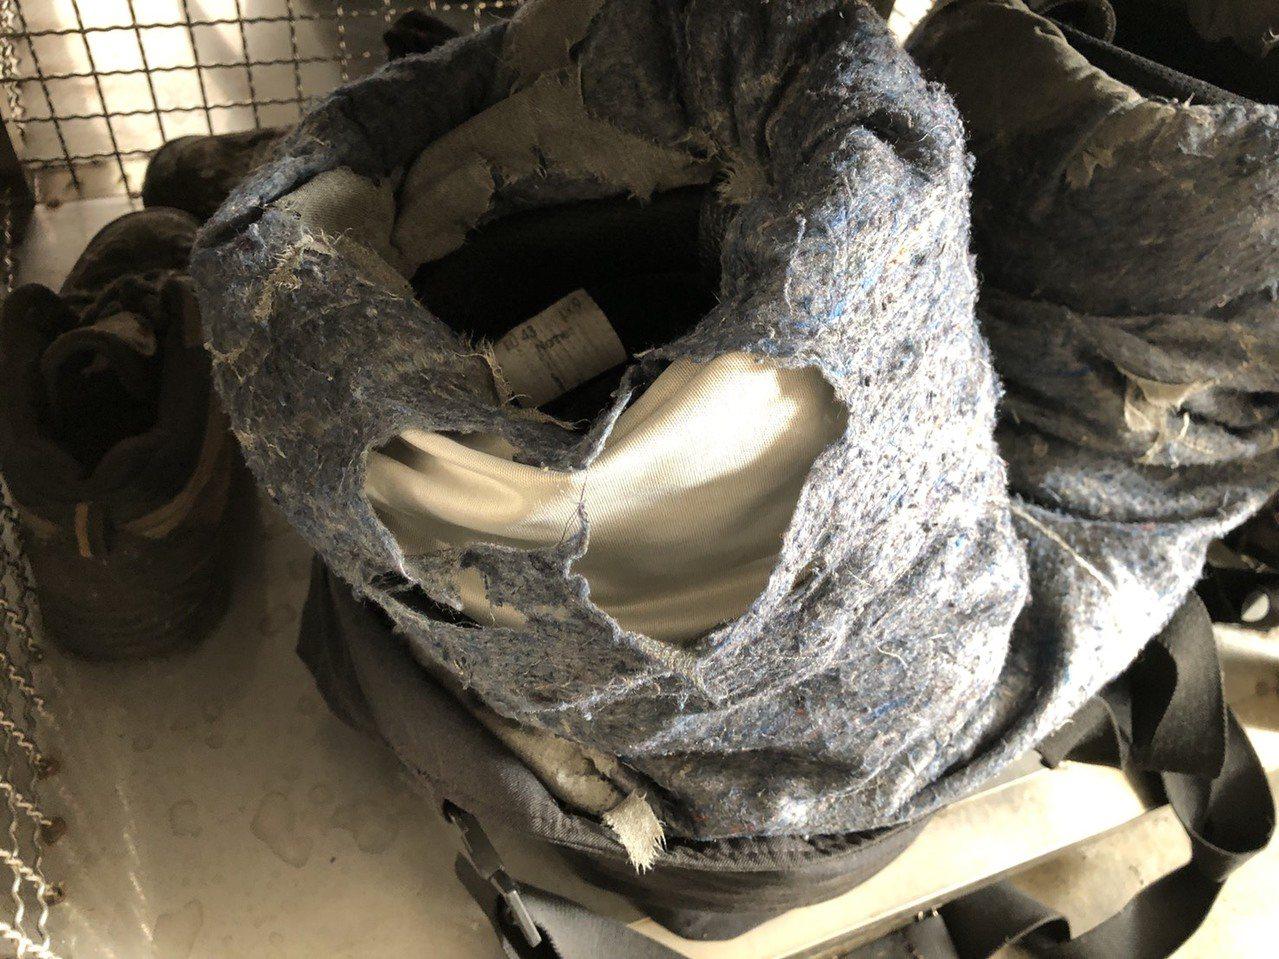 基層消防員投訴反應的消防褲內部破到整片隔熱層棉絮外露,甚至連隔熱層都磨到不見,直...